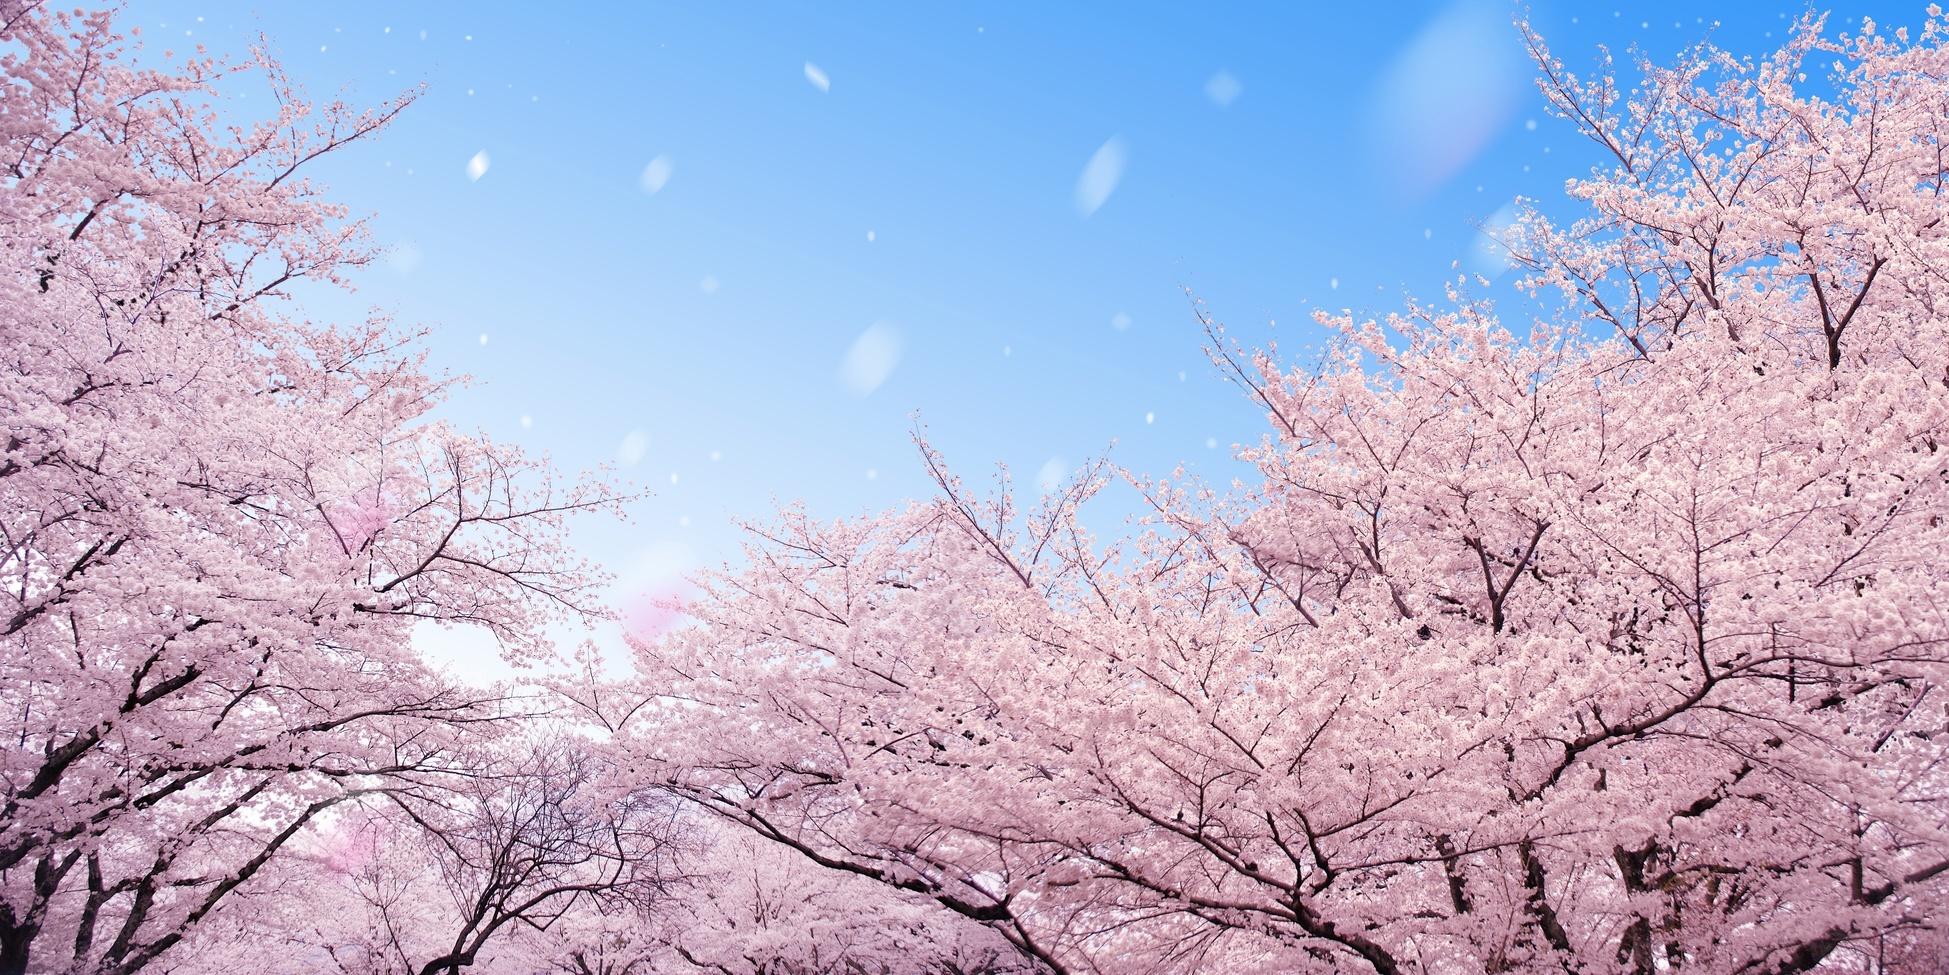 青空文庫で無料で読める坂口安吾の魅力が分かる作品おすすめ5選!